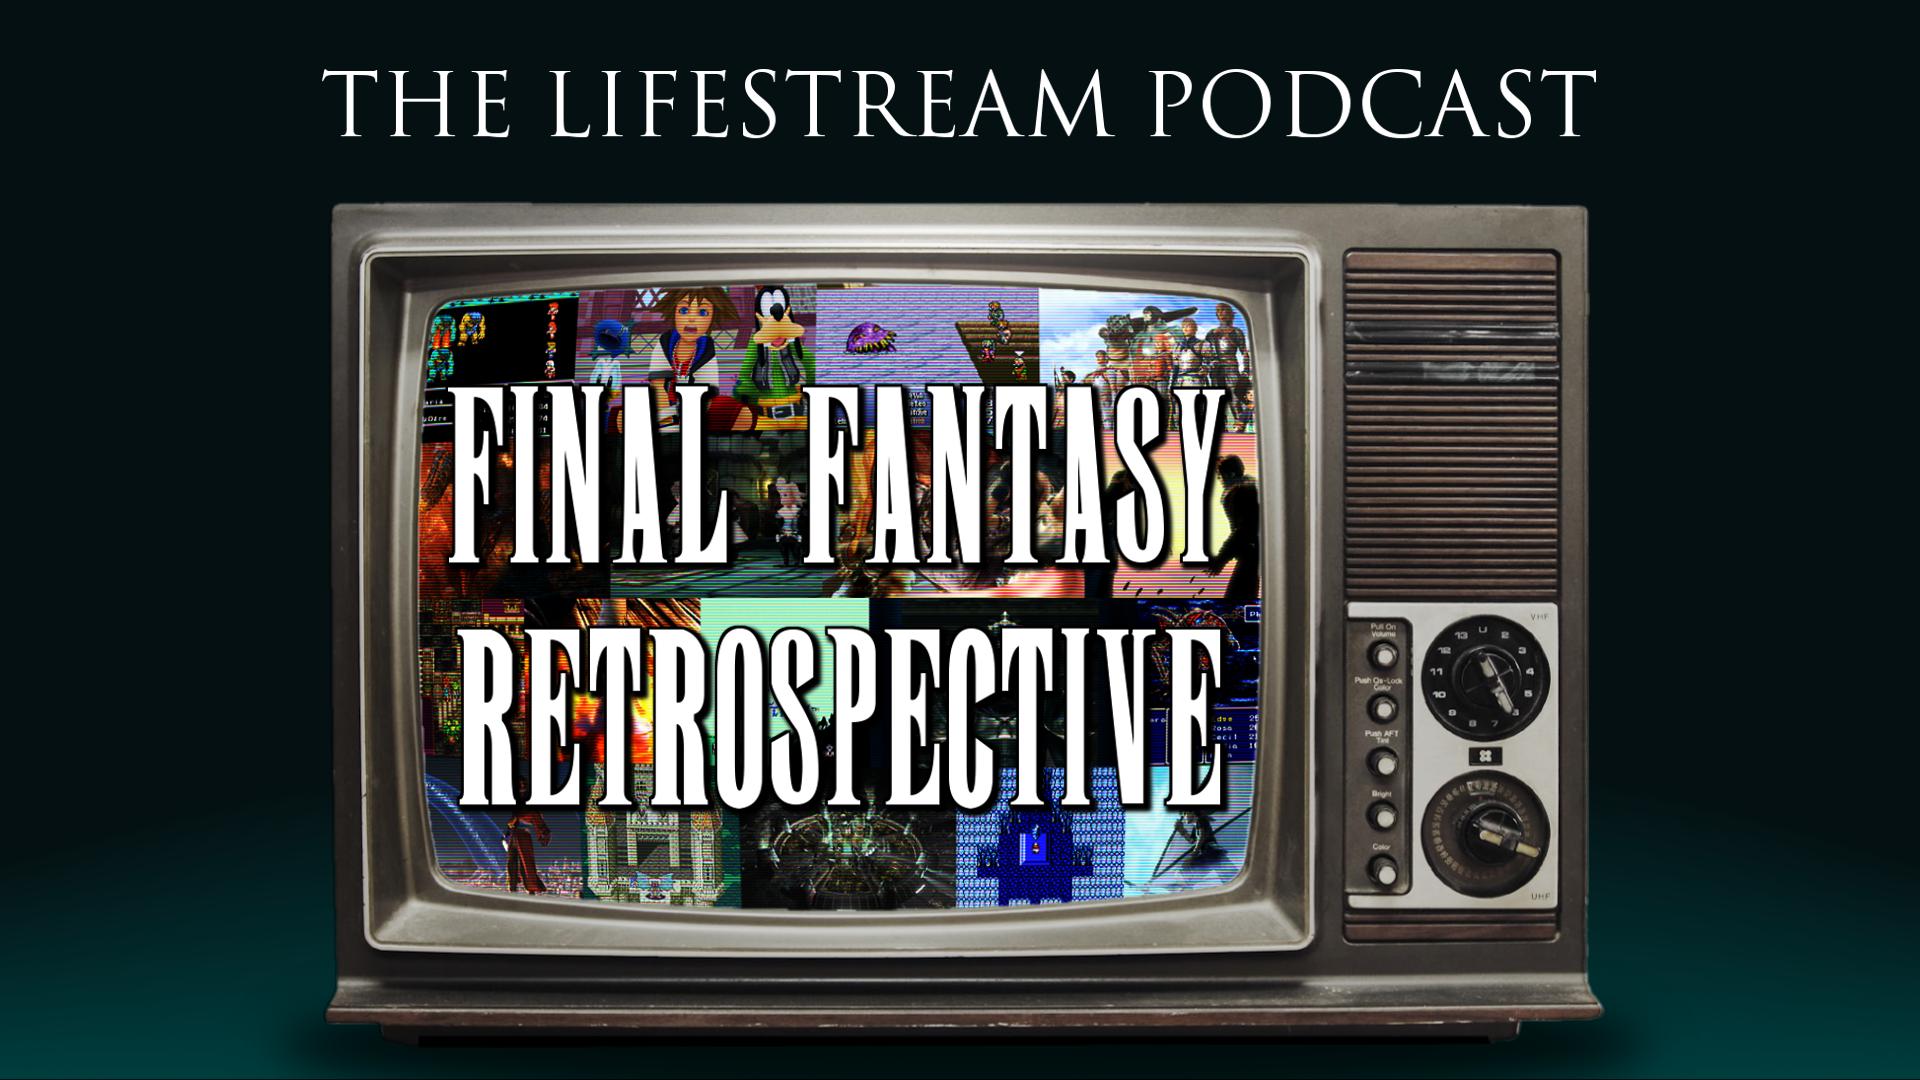 The Lifestream Podcast Final Fantasy Retrospective